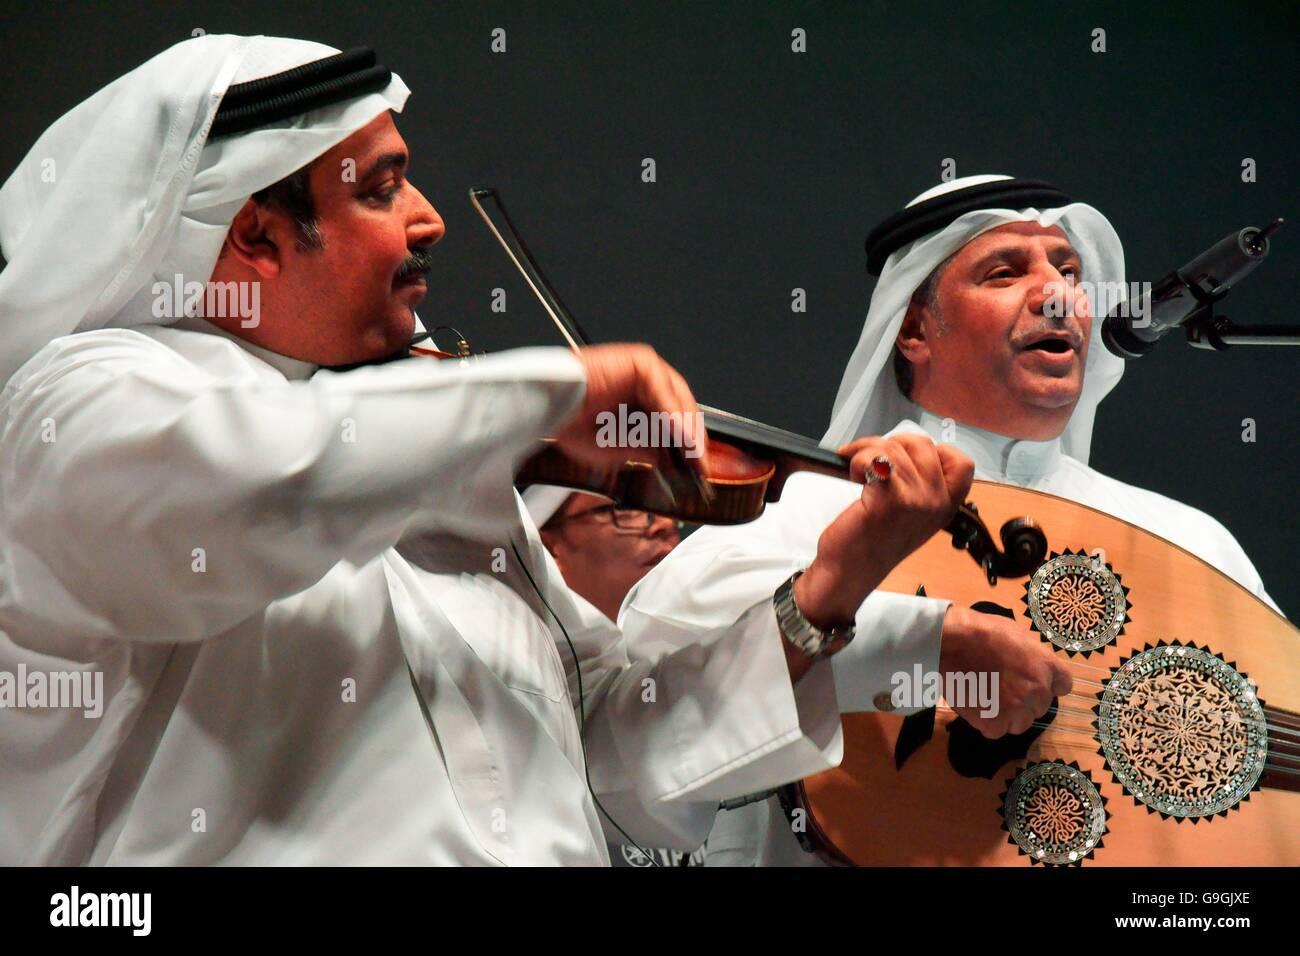 Les musiciens de la Fondation Mohammed bin faris band band jouer musique sawt traditionnels dans al Khalifa center Photo Stock